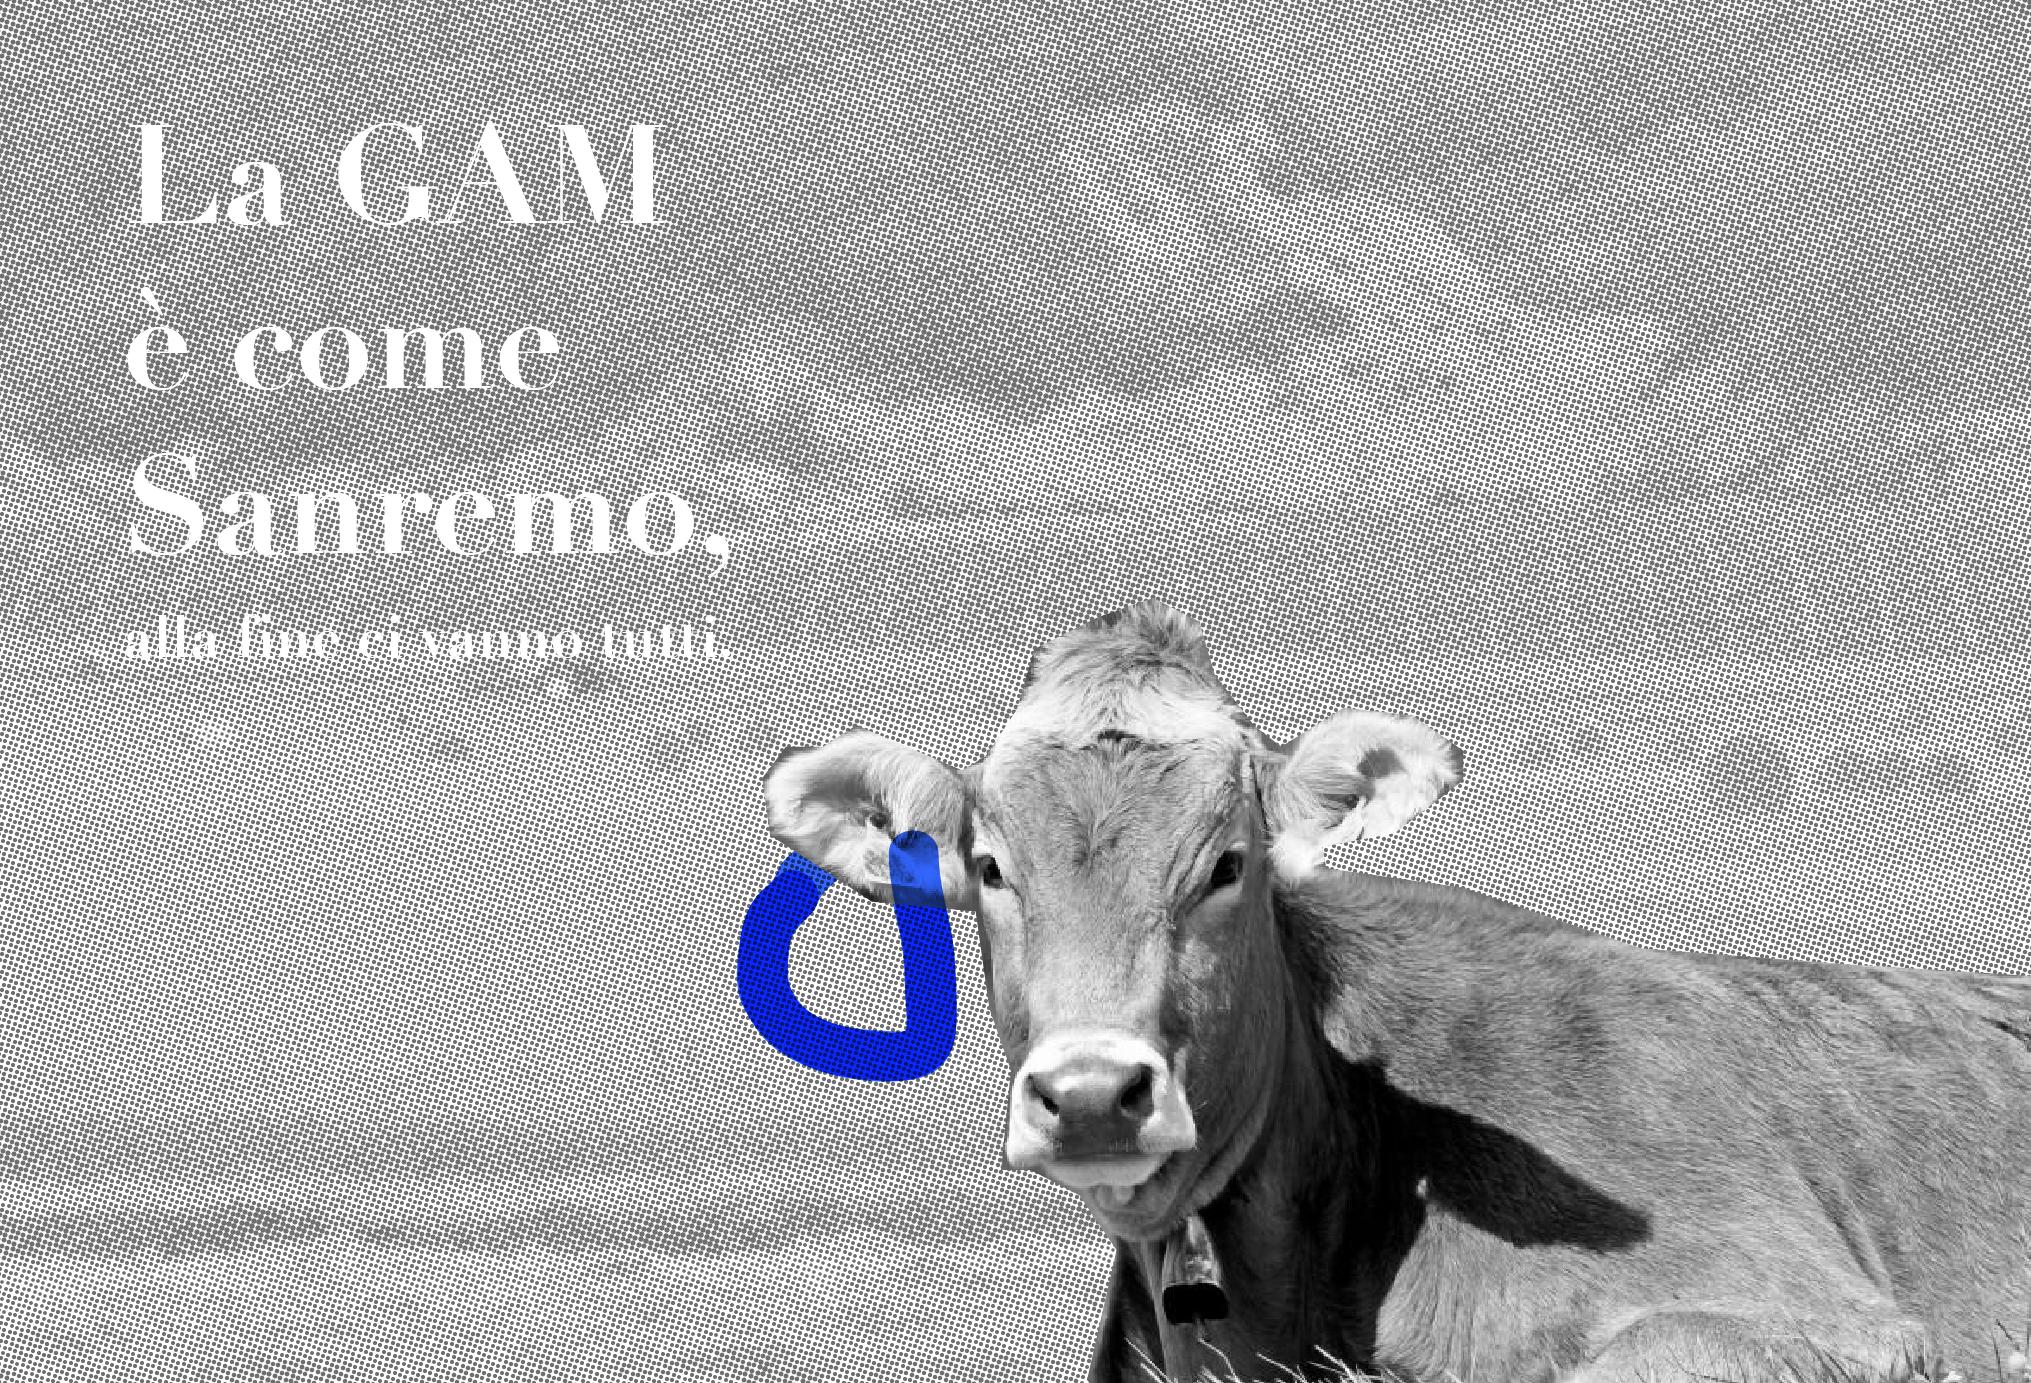 La GAM è come Sanremo, alla fine ci vanno tutti.